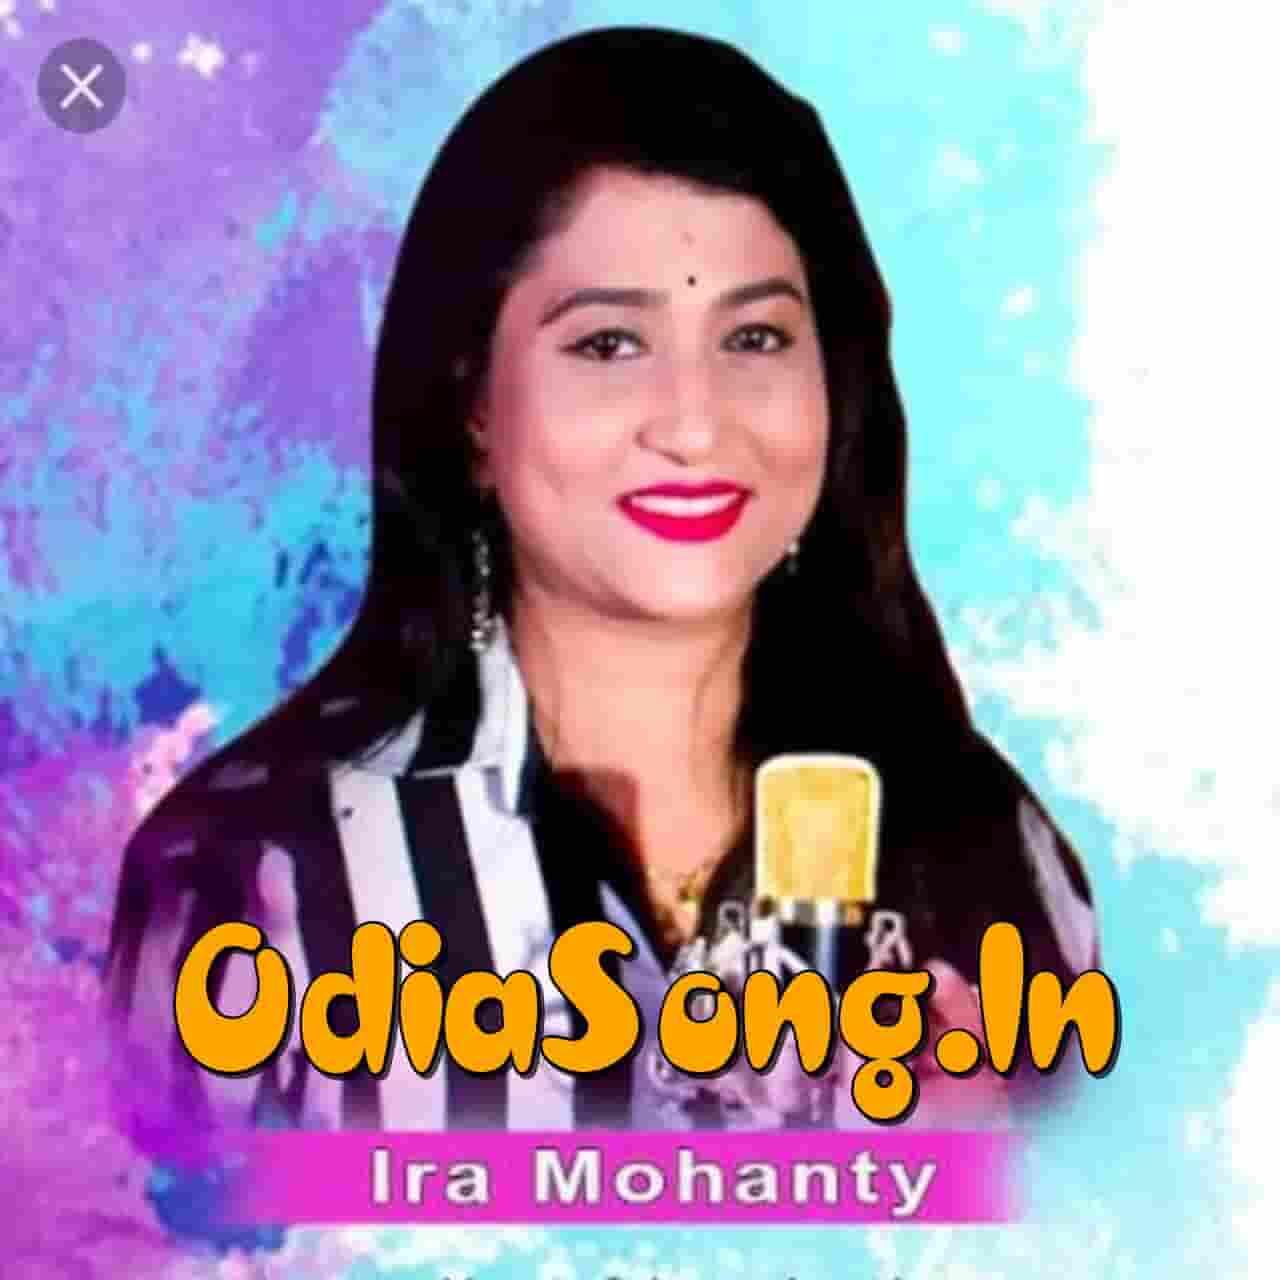 Madhaba He (Ira Mohanty) Odia Bhajan